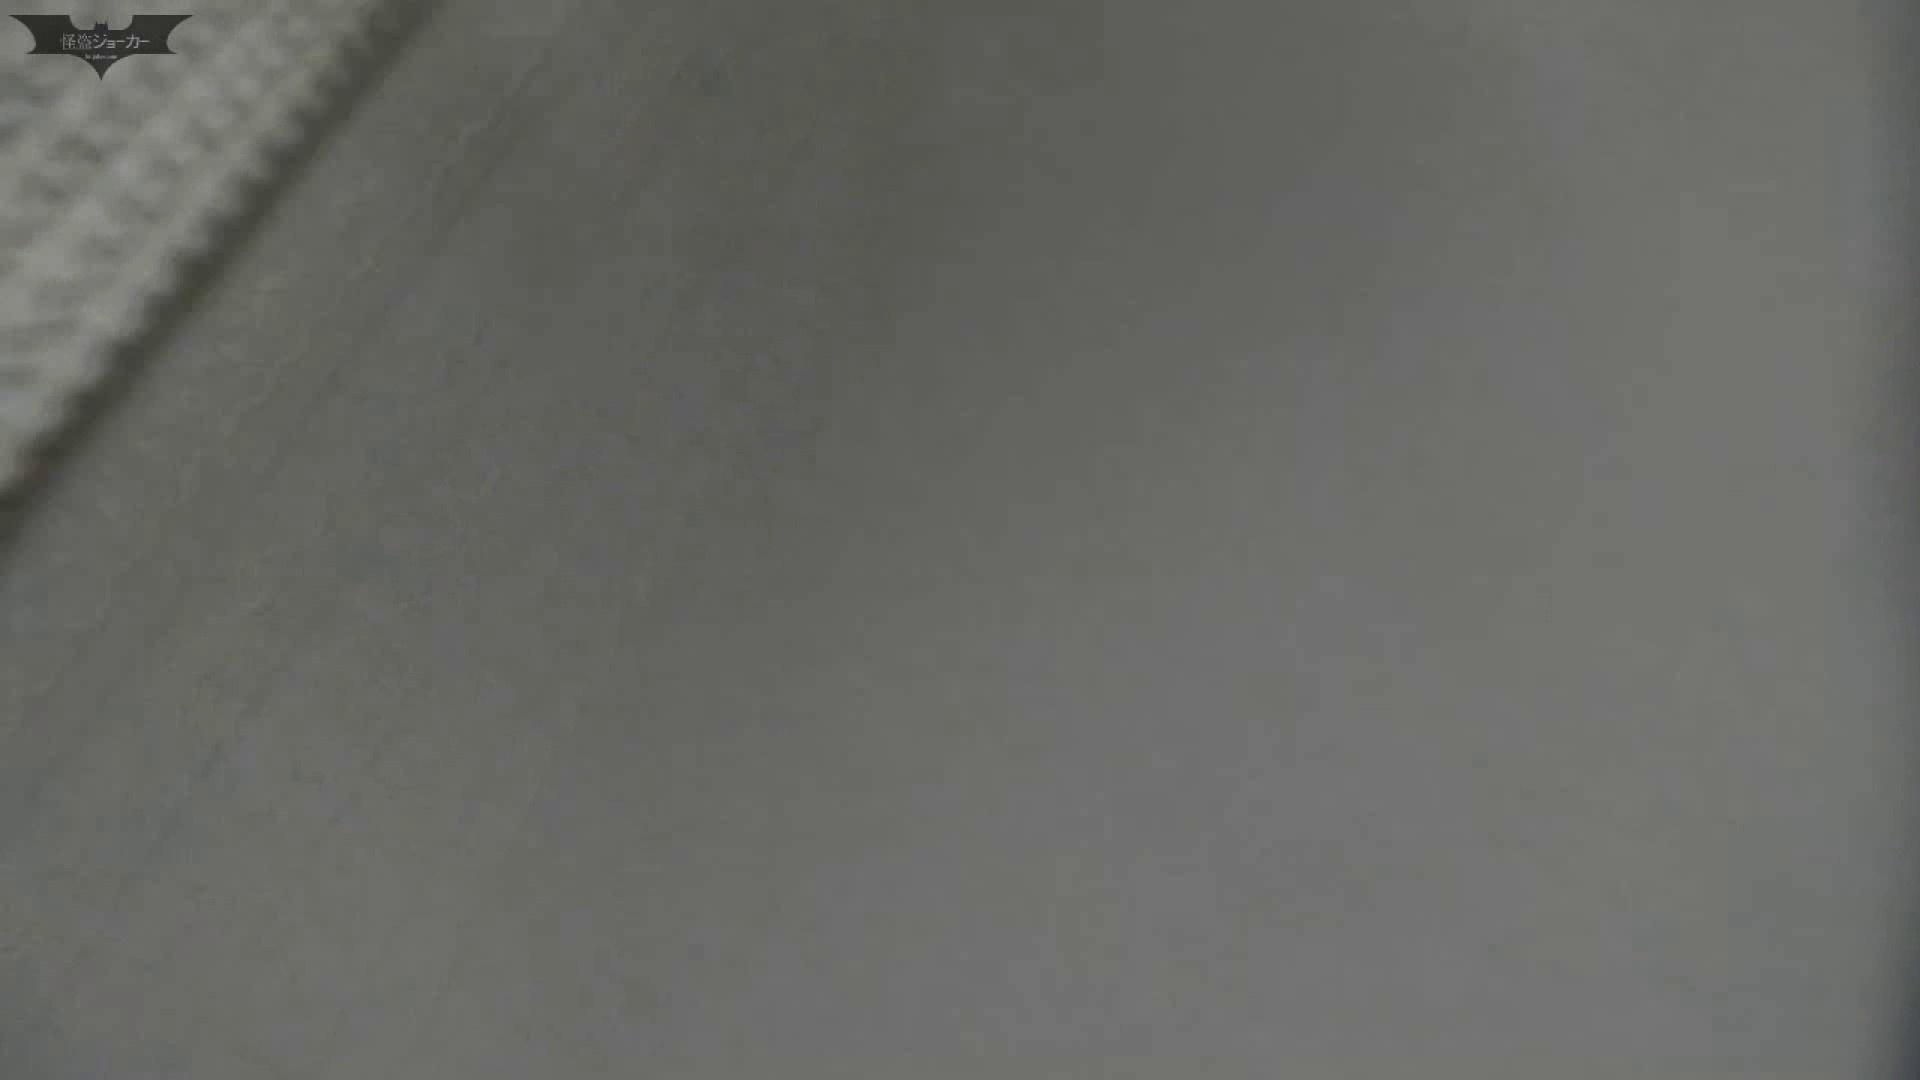 【期間・個数限定配信】 マンコ丸見え!第三体育館潜入撮File001 期間限定   マンコ特集  77連発 6